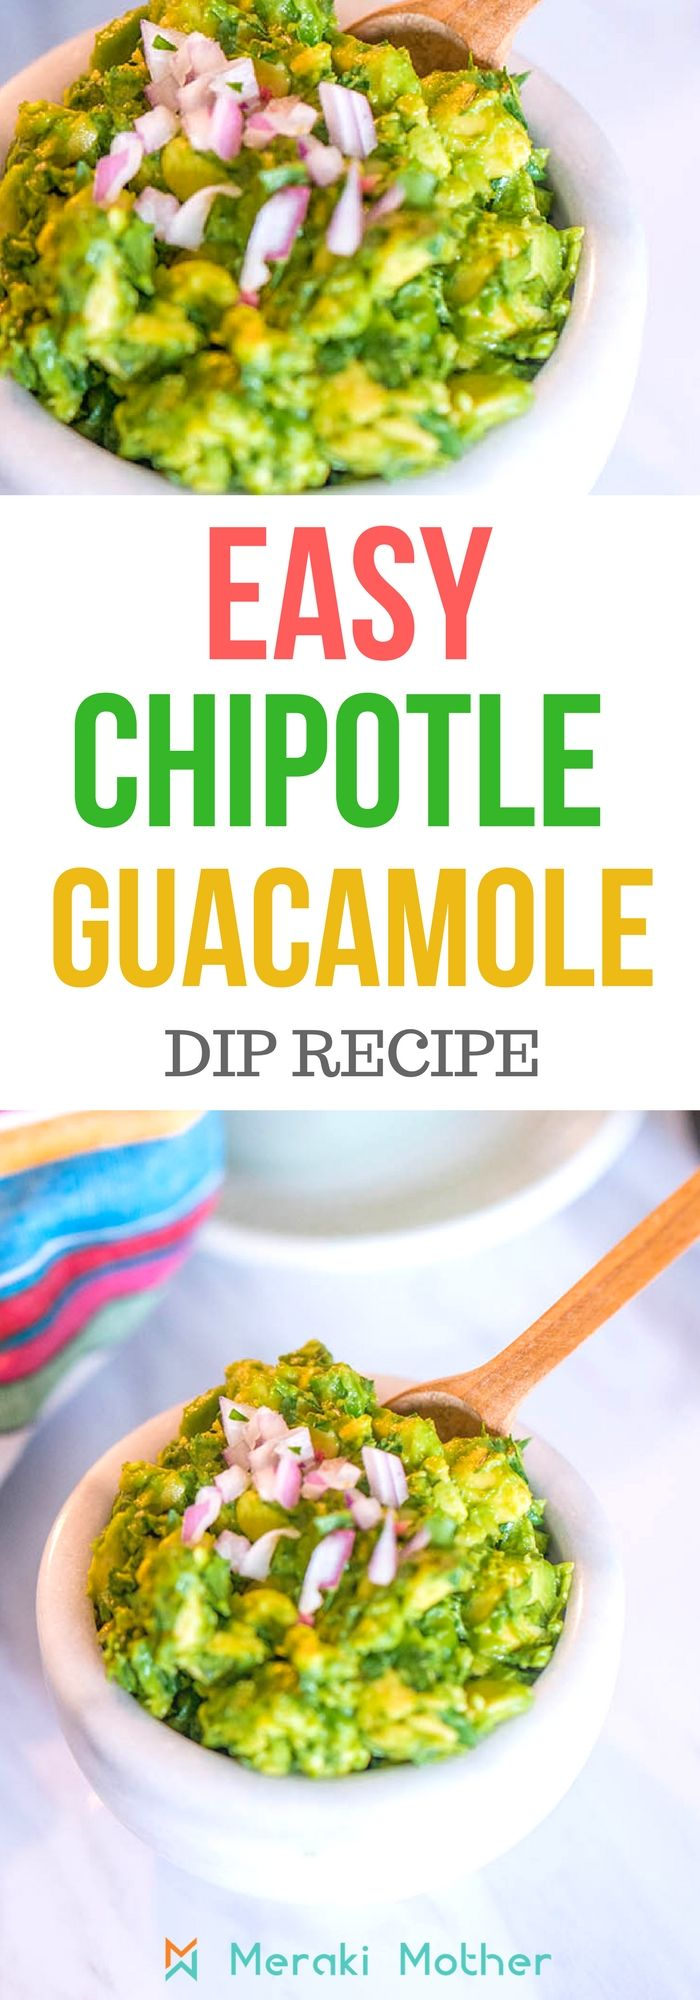 Small Crop Of Chipotle Guac Recipe